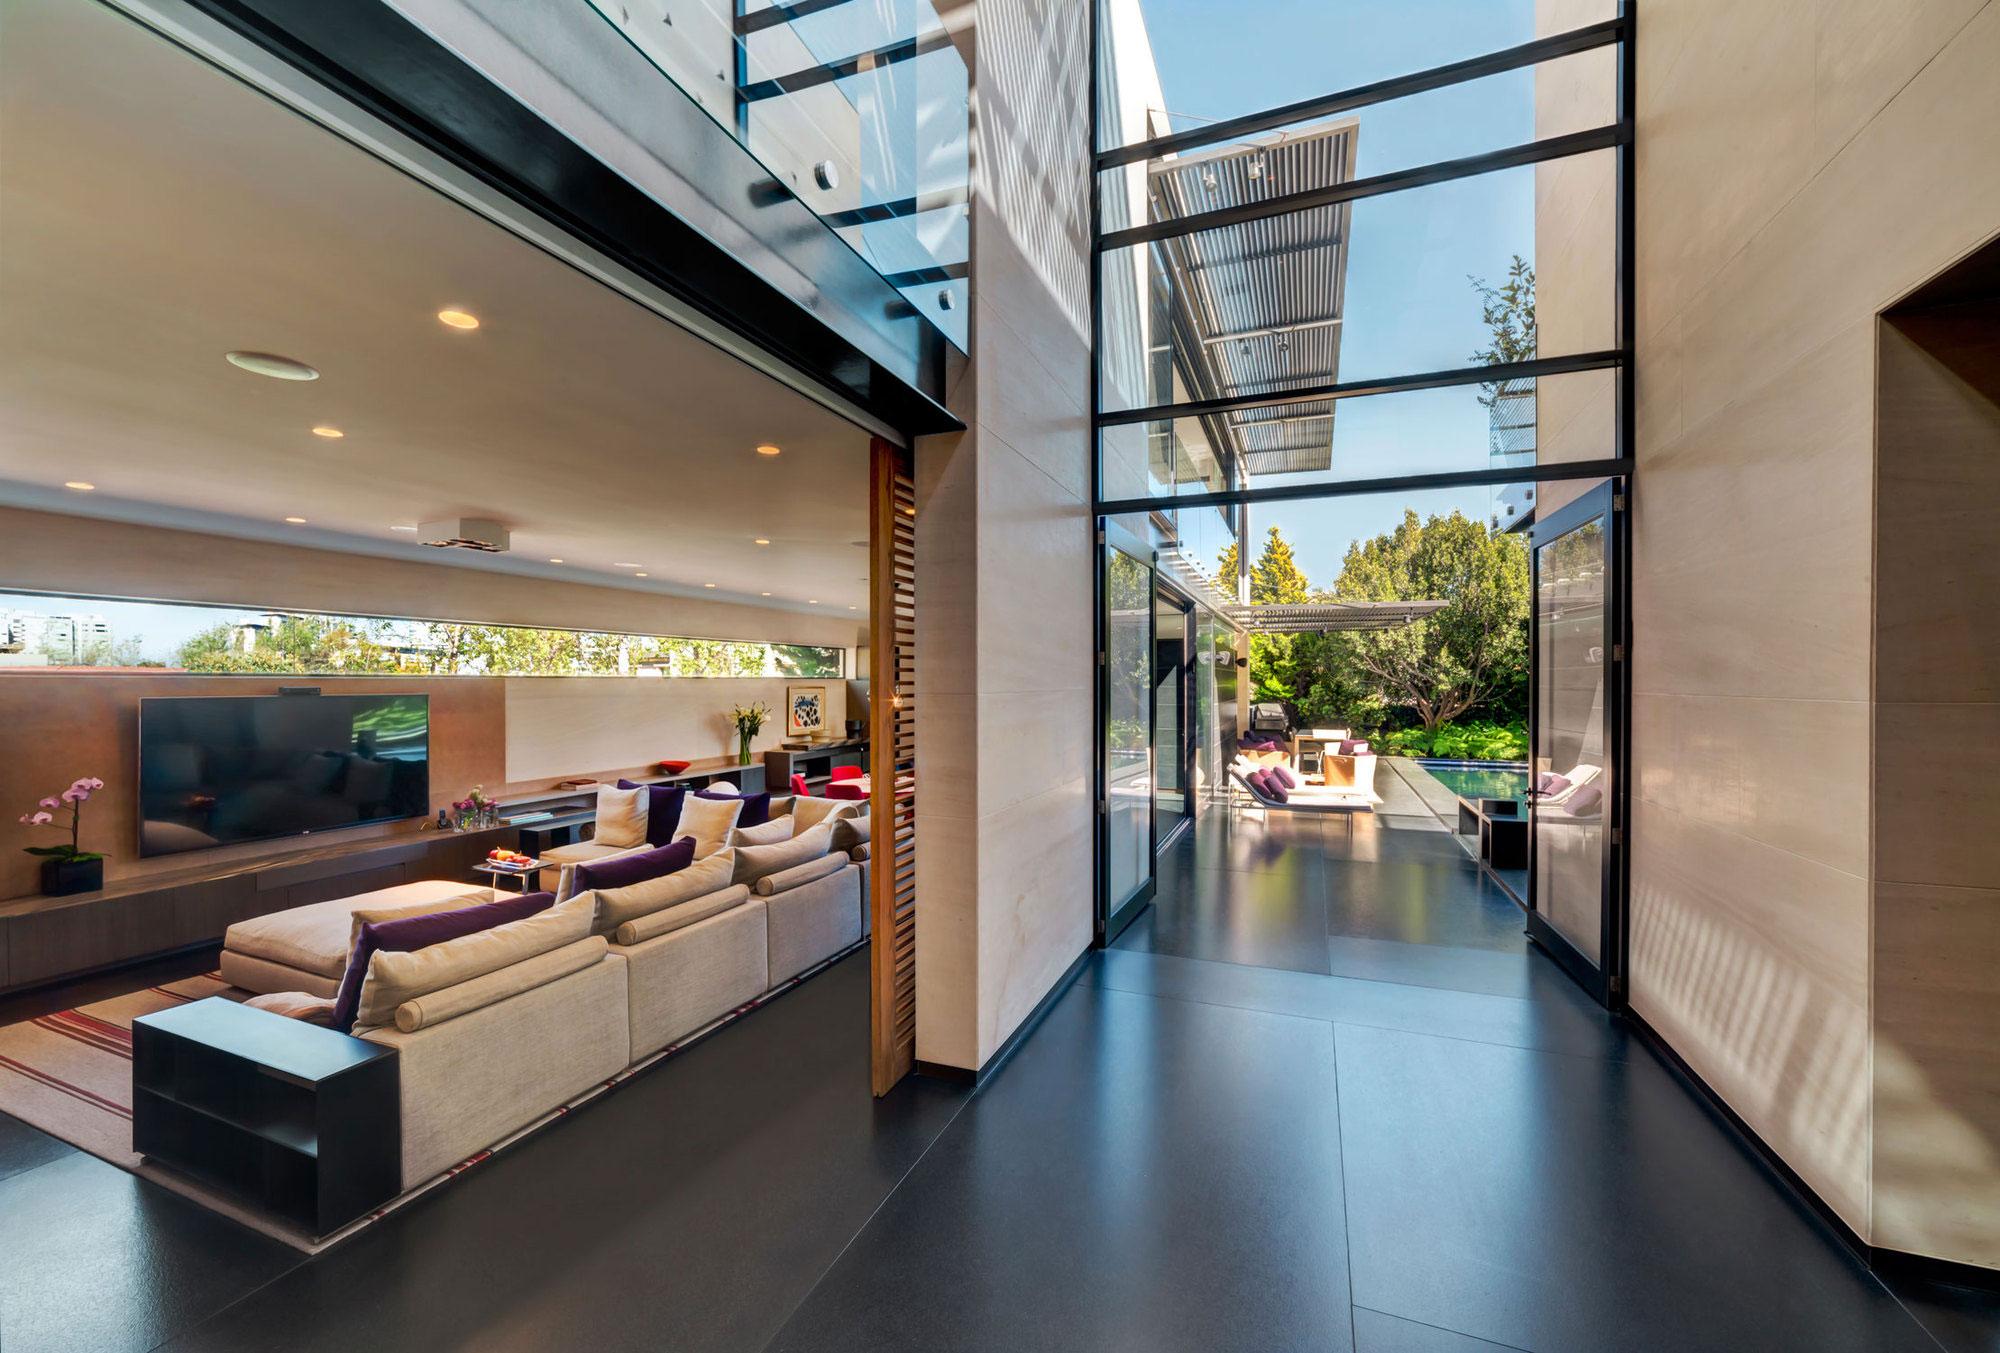 Dalias House grupoarquitectura-10